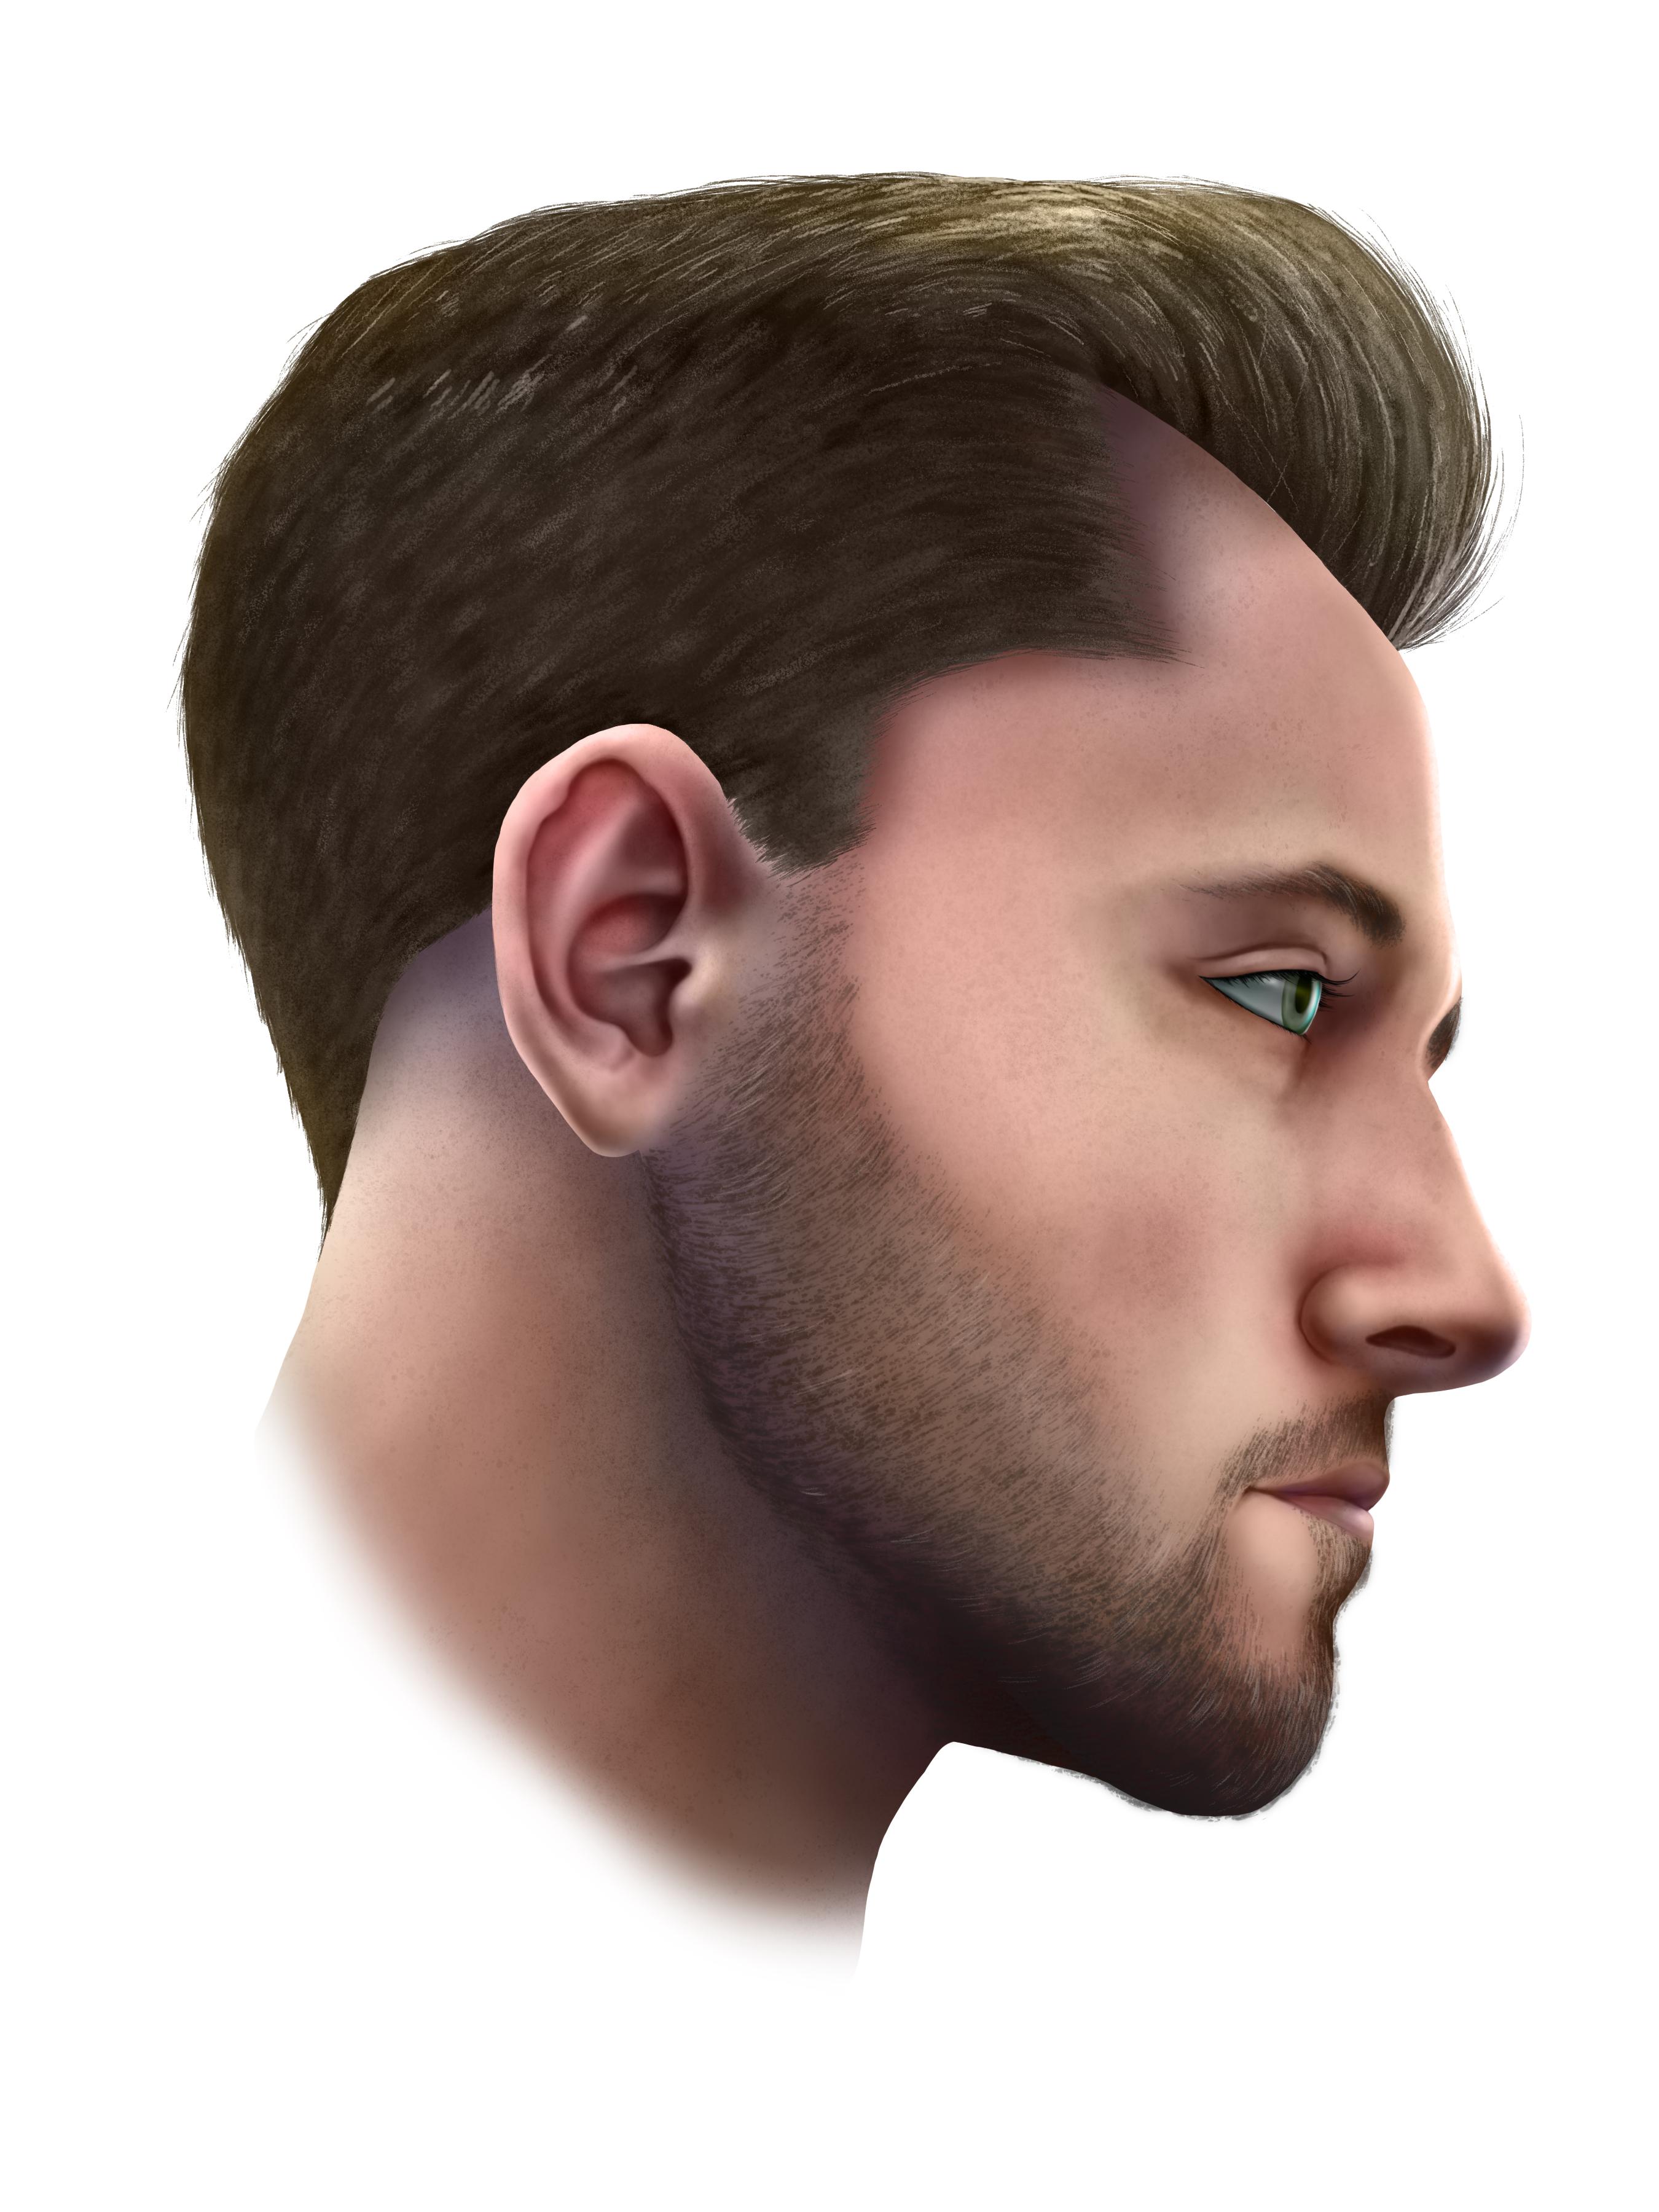 Facial Nerve3